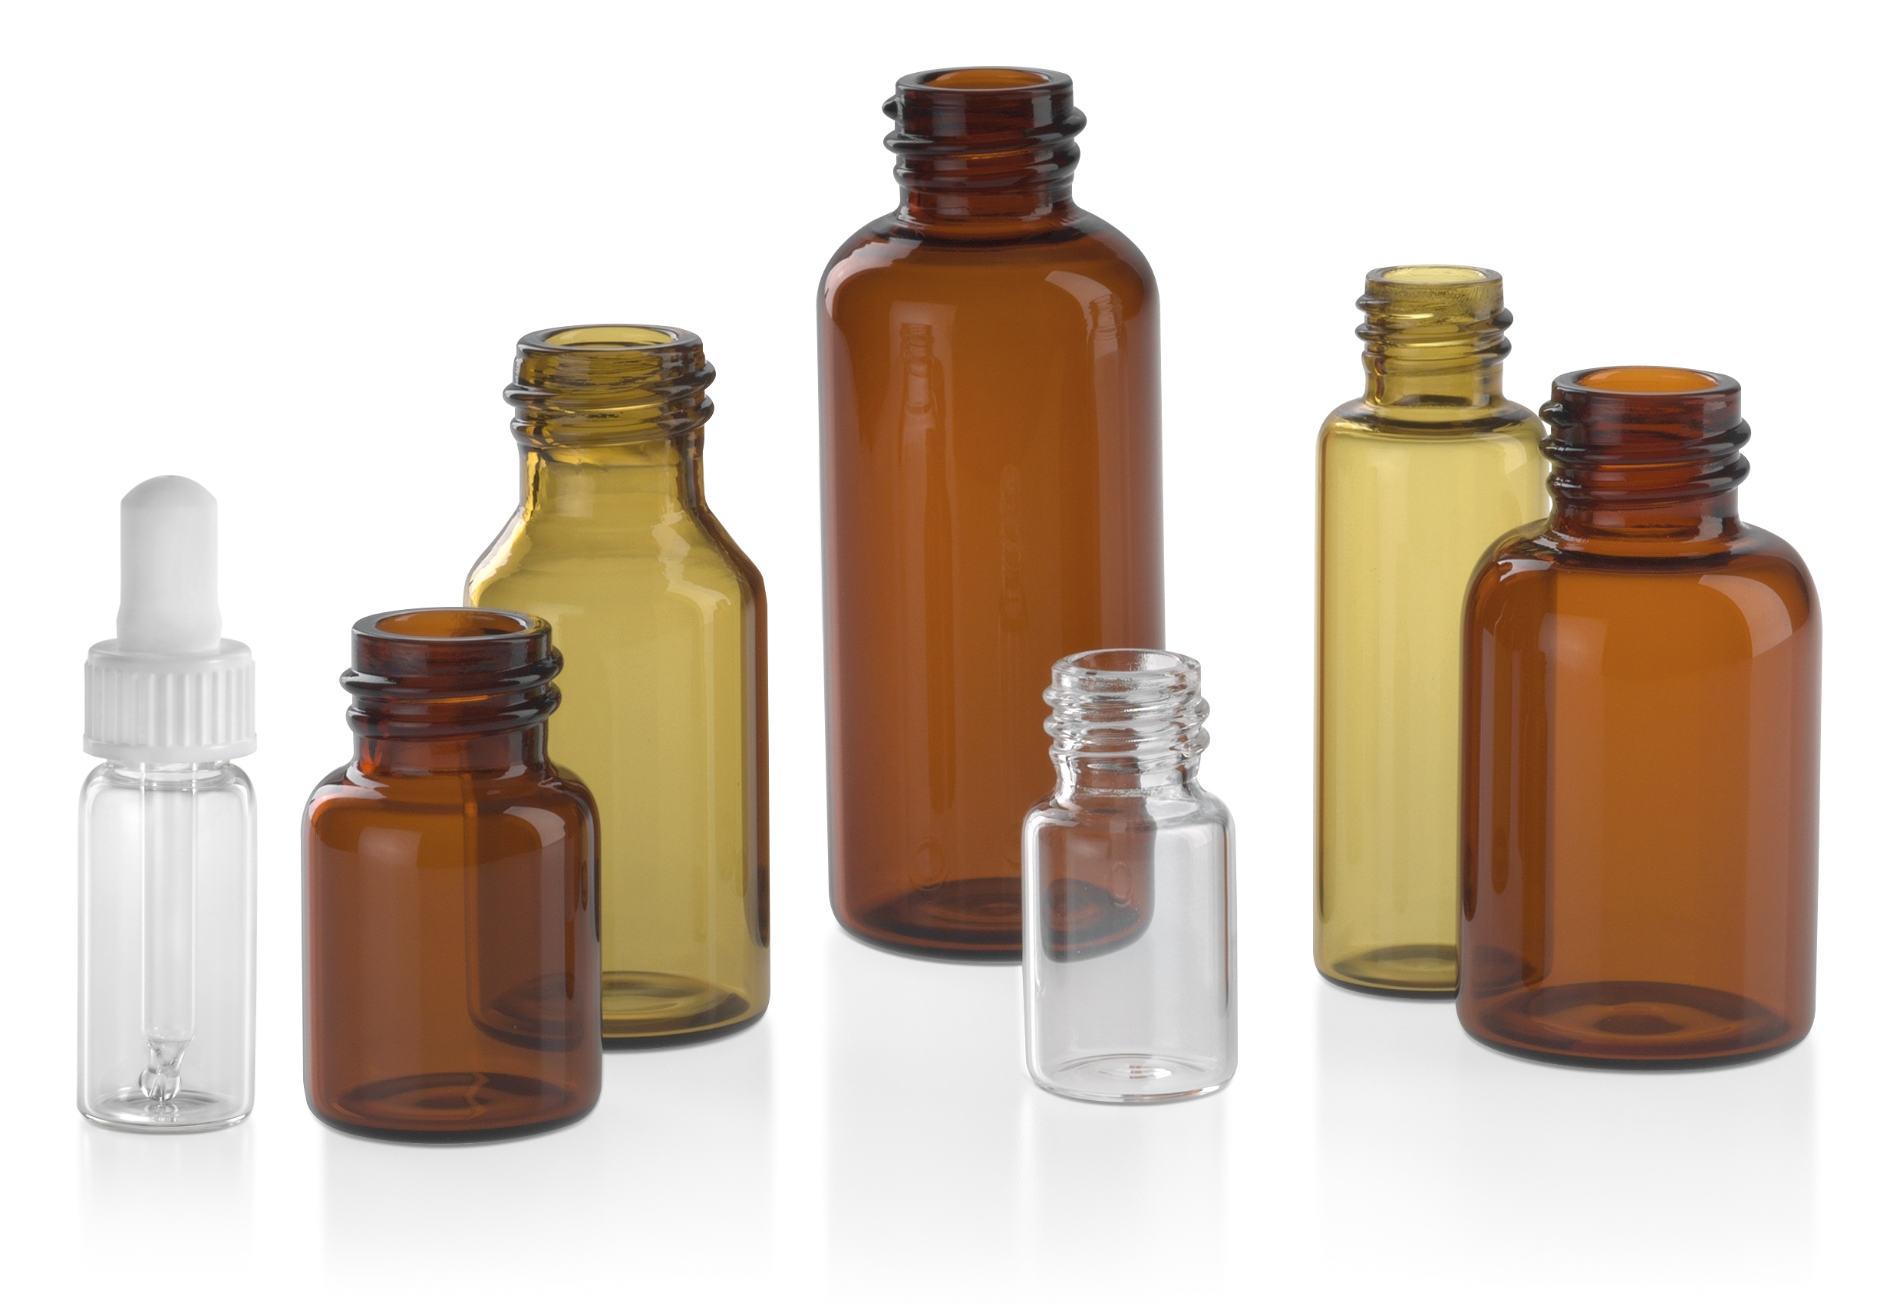 Flacons pharmaceutiques en verre: verre étiré ambré et clair